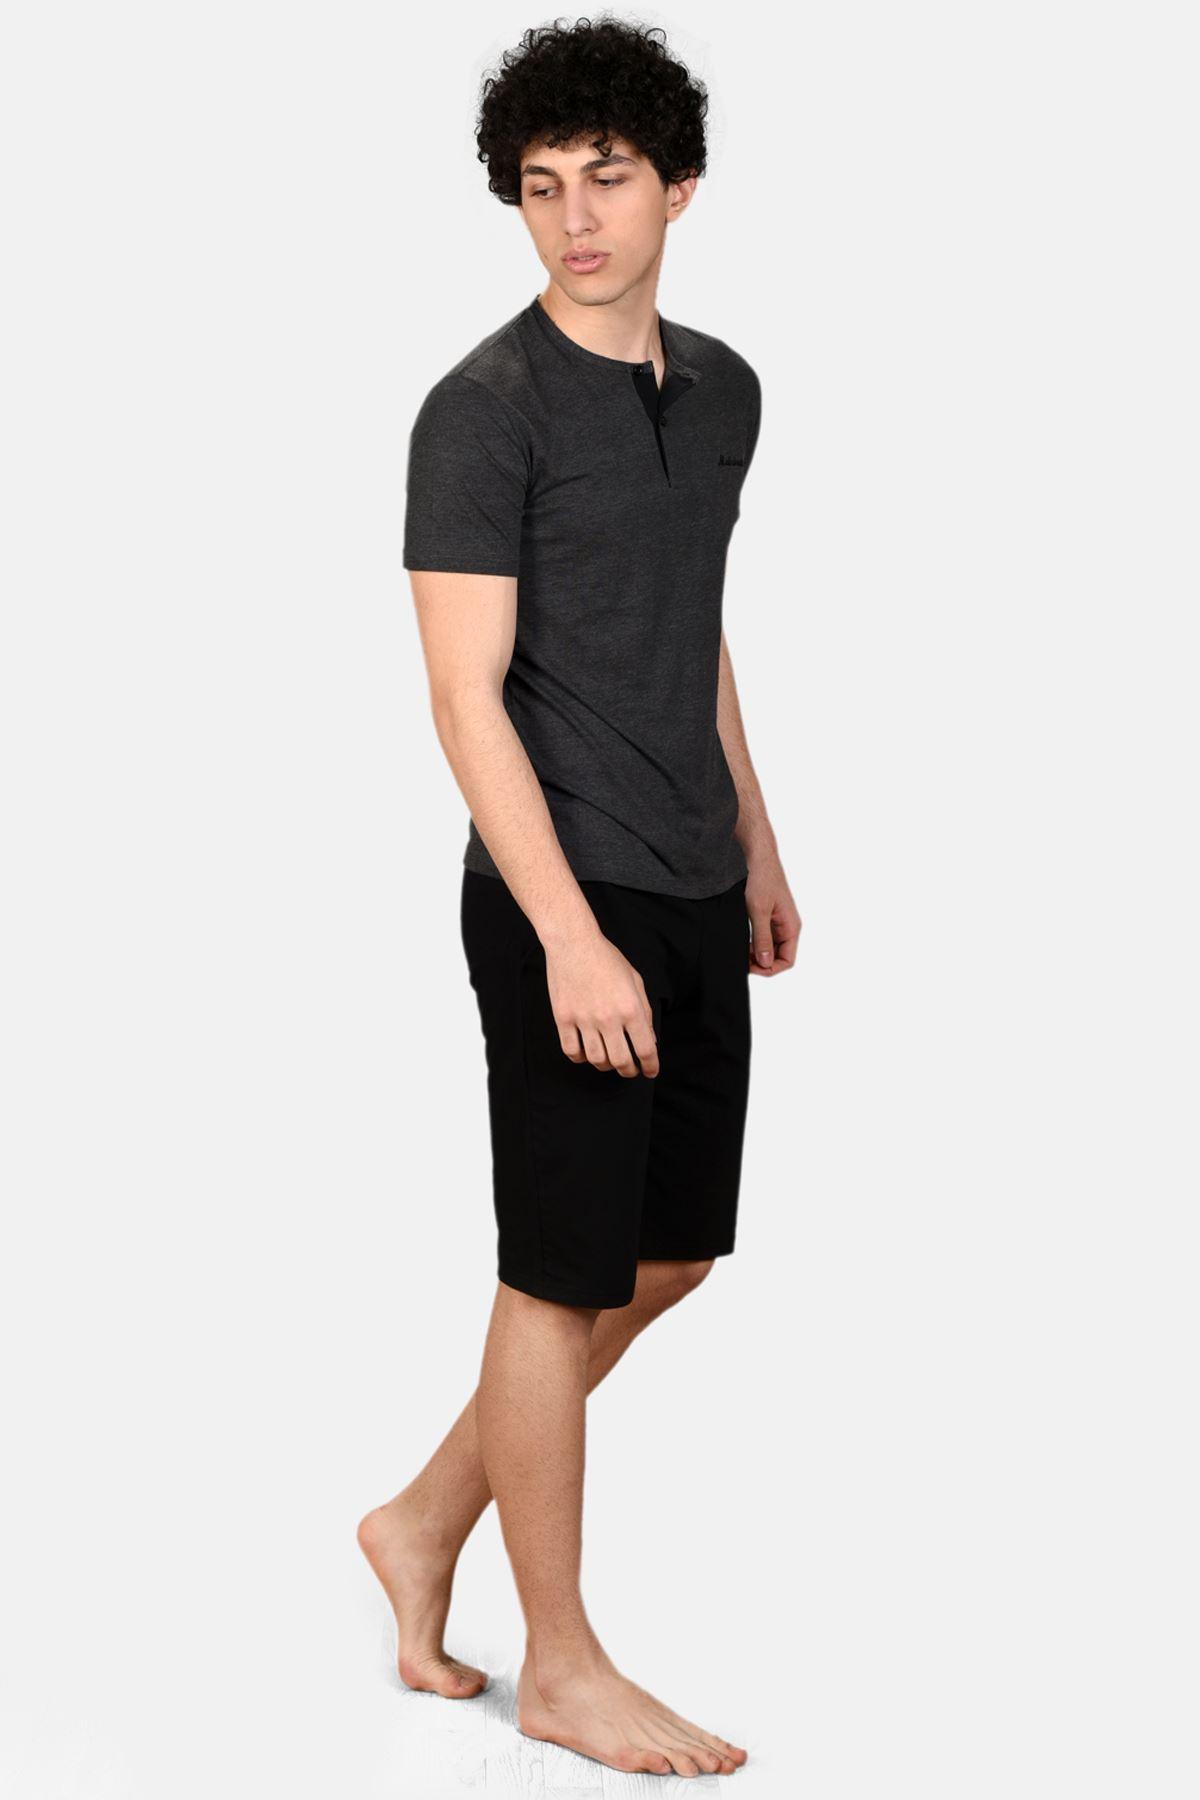 Antrasit Erkek 3 lü Düğmeli Yazlık Pijama Takımı 6001